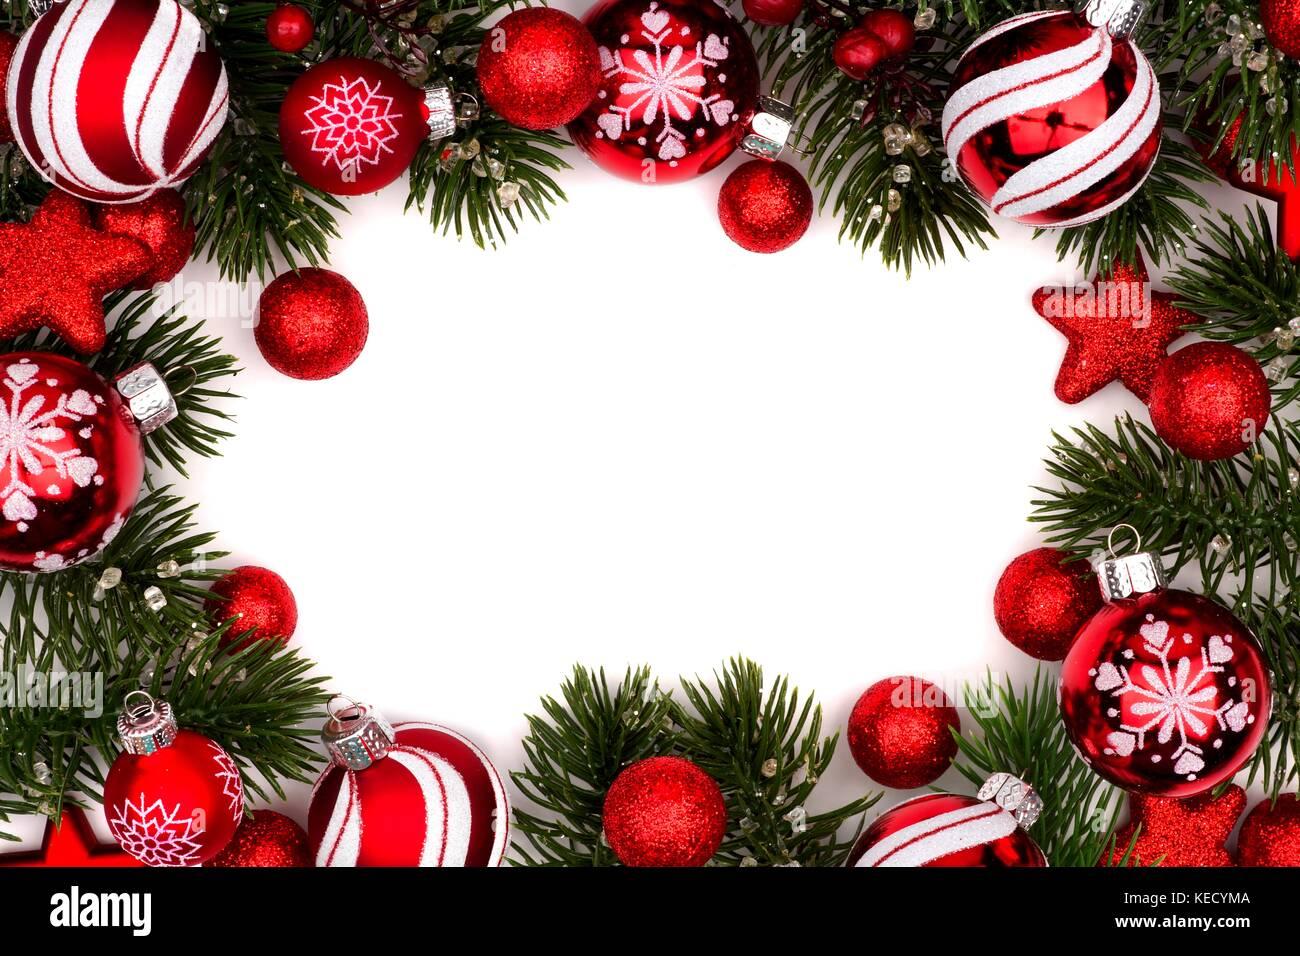 Weihnachten Rahmen der roten und weißen Kugeln mit Niederlassungen ...